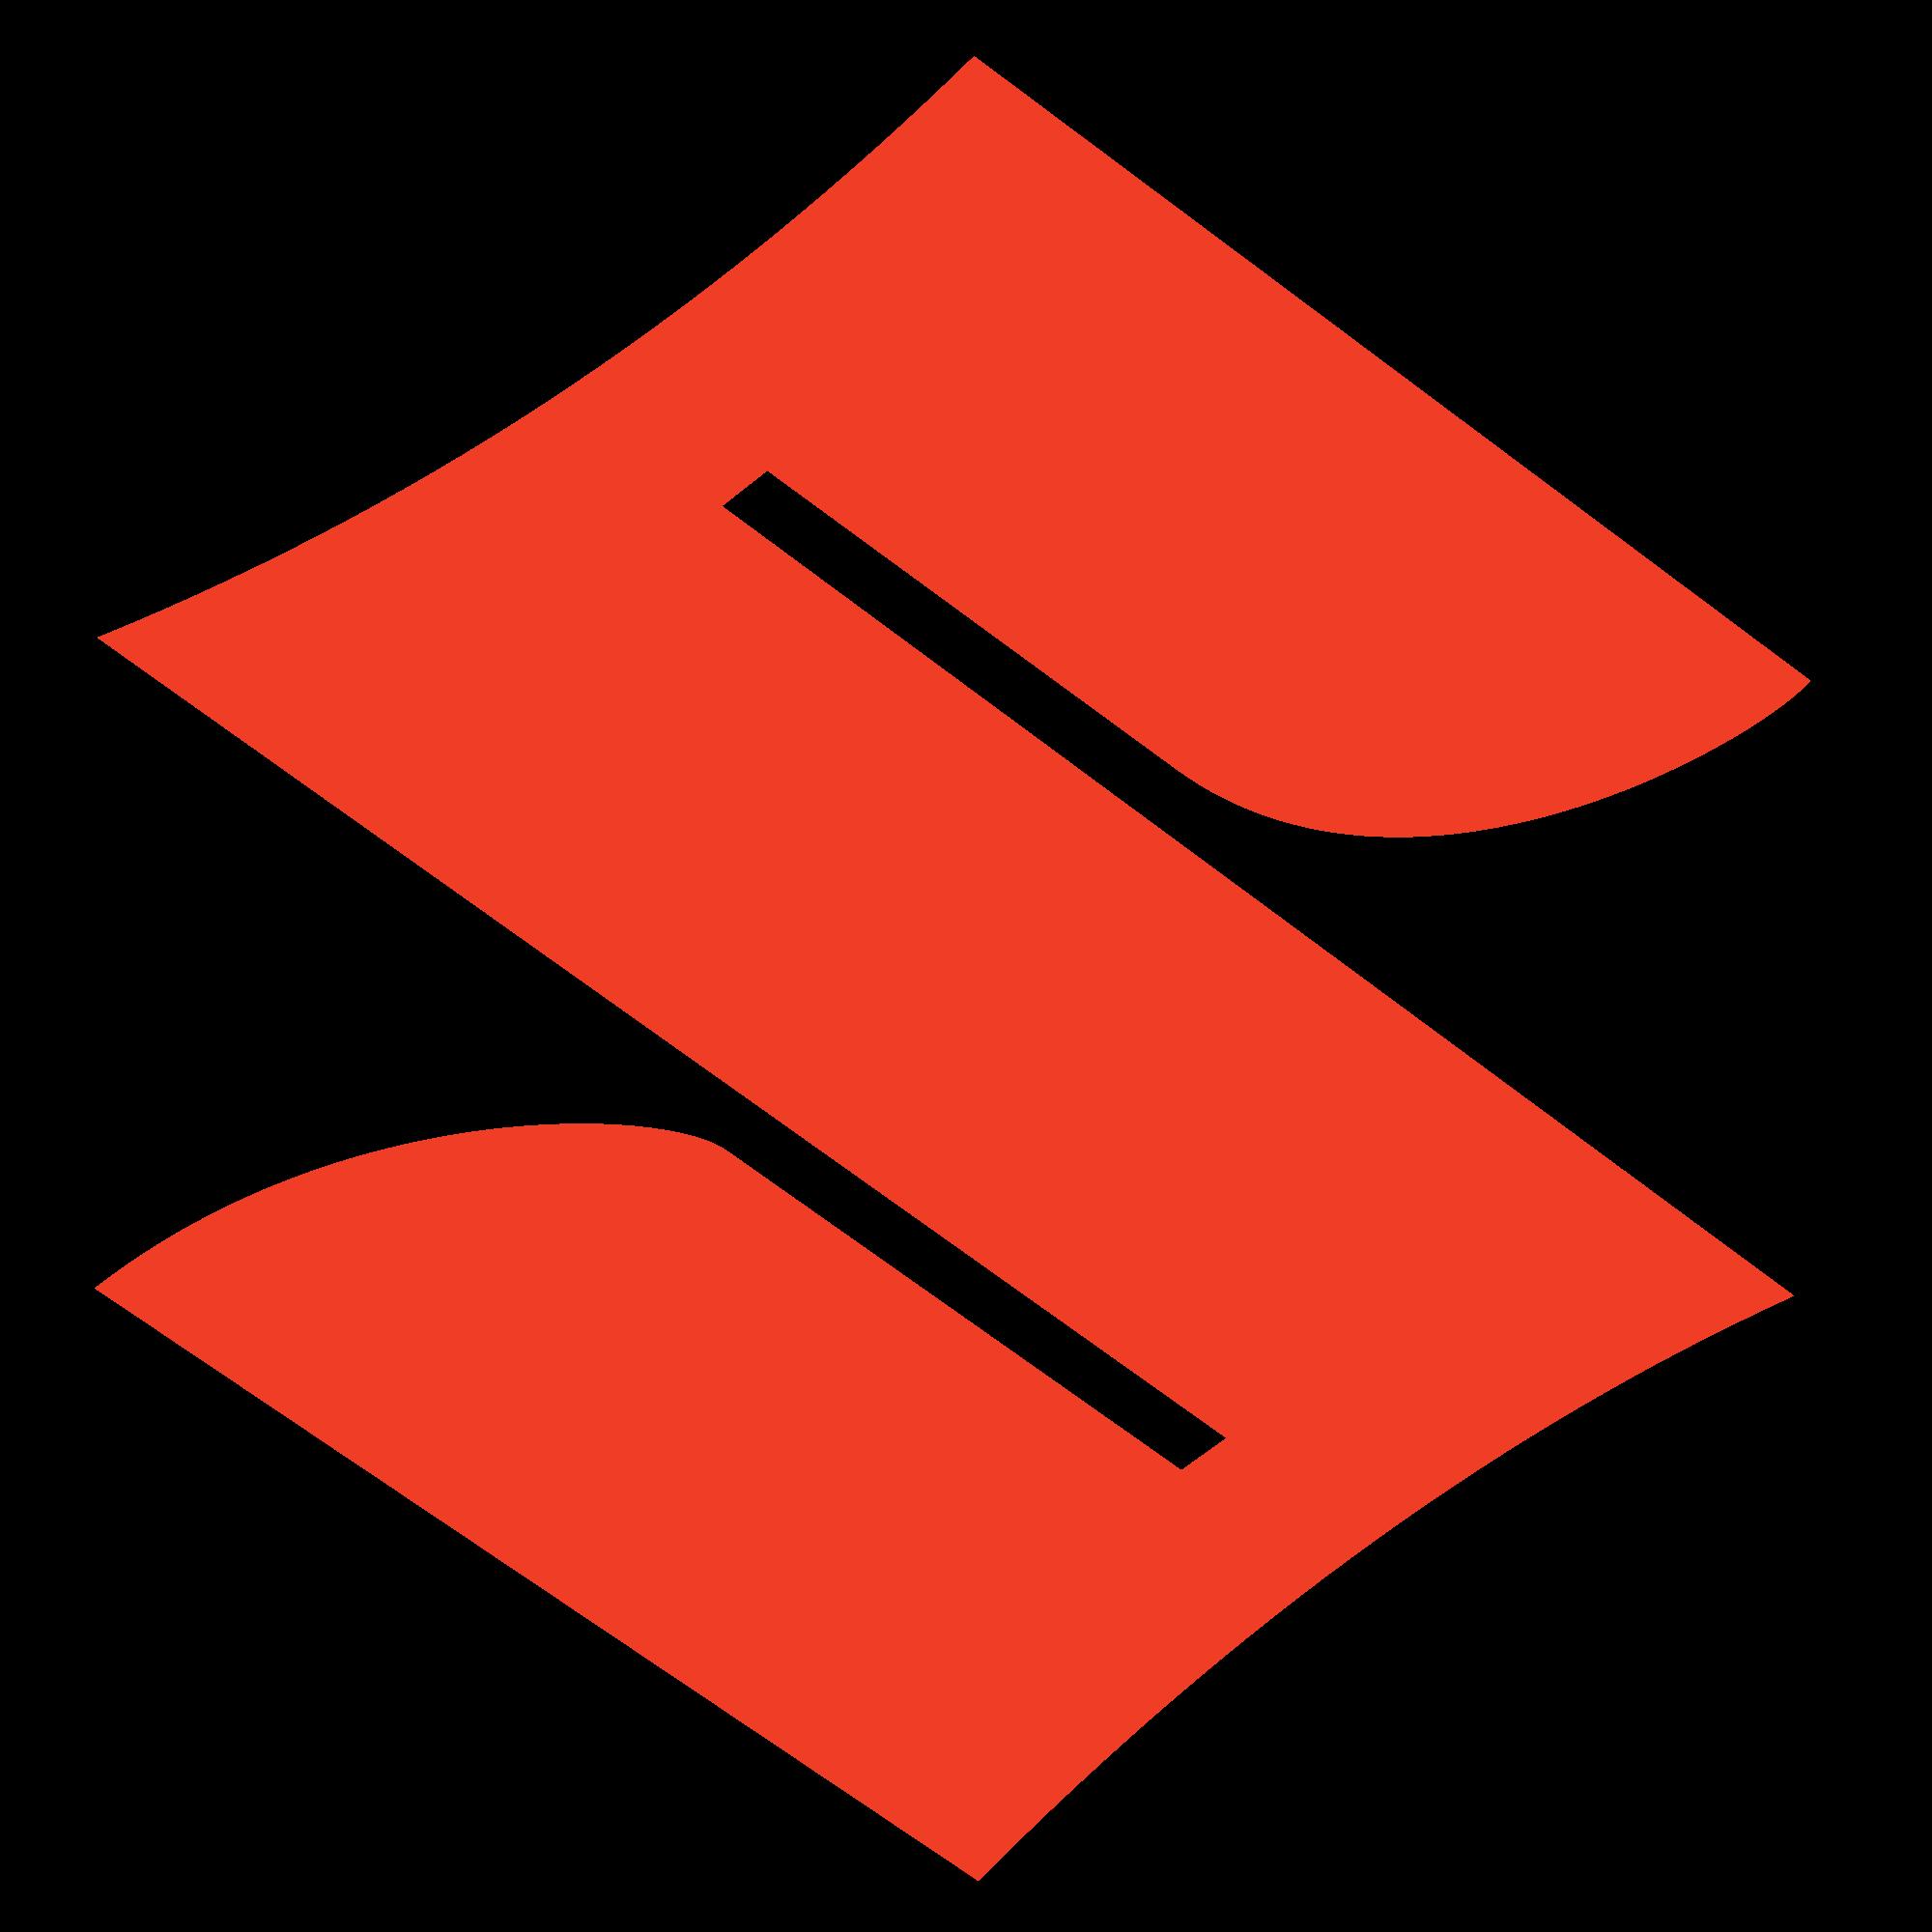 Suzuki clipart svg free download suzuki-logo-png-clipart-8 | Rhode River Boat Sales svg free download